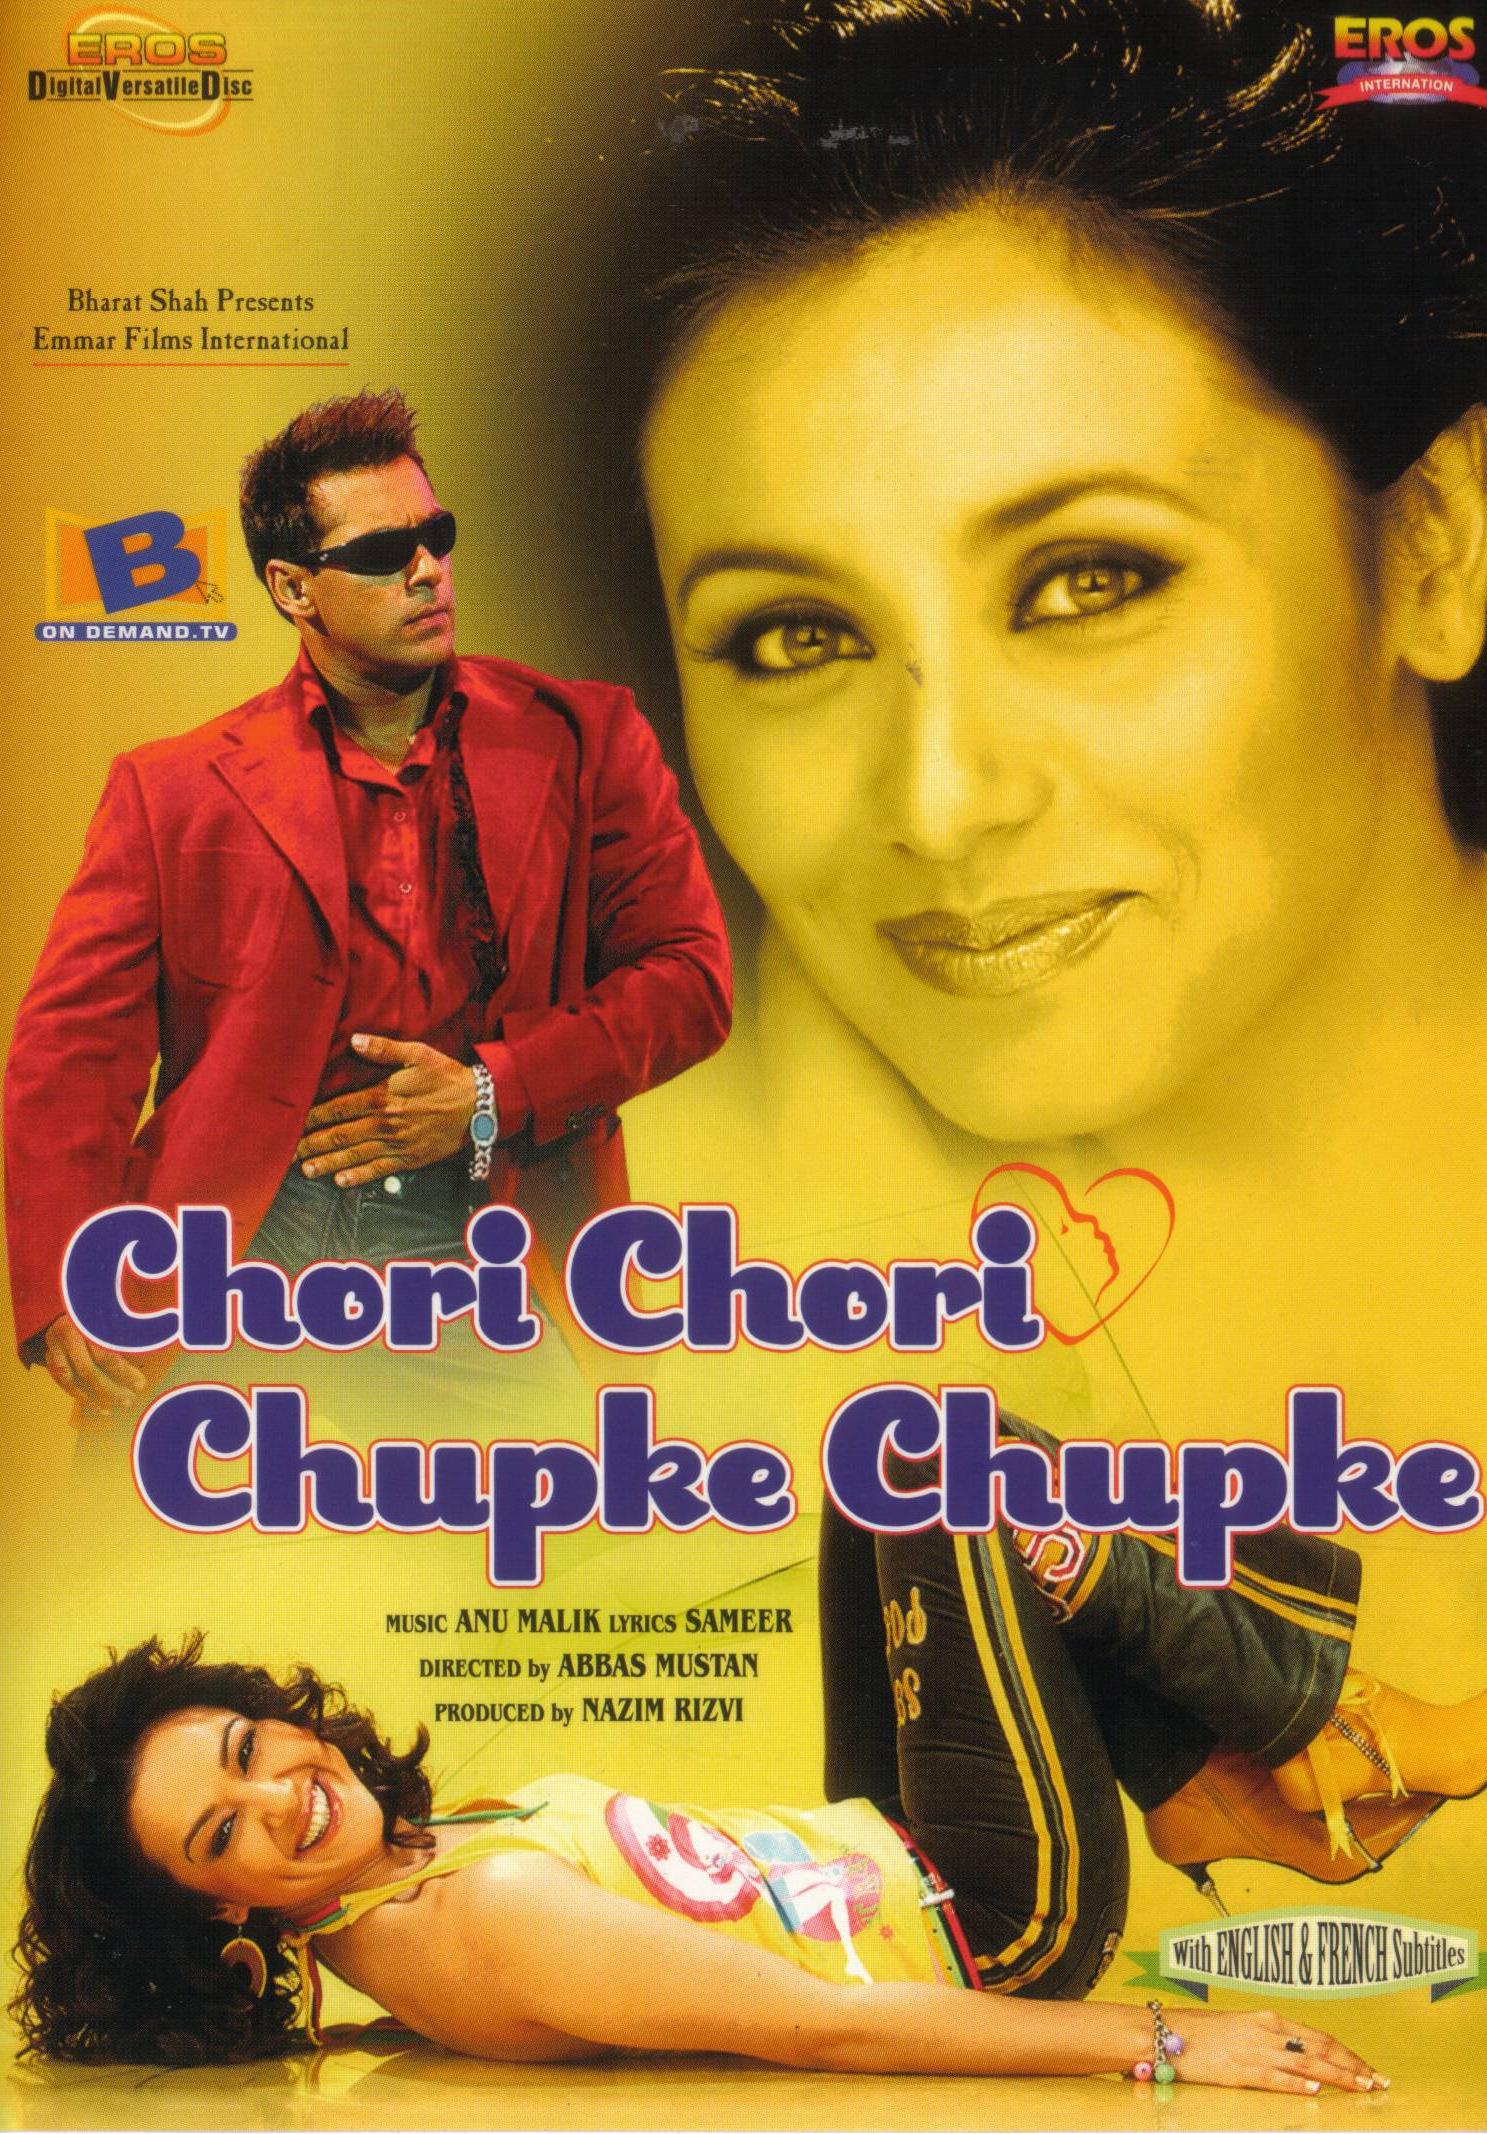 Chori Chori Chupke Chupke (2001) - IMDb